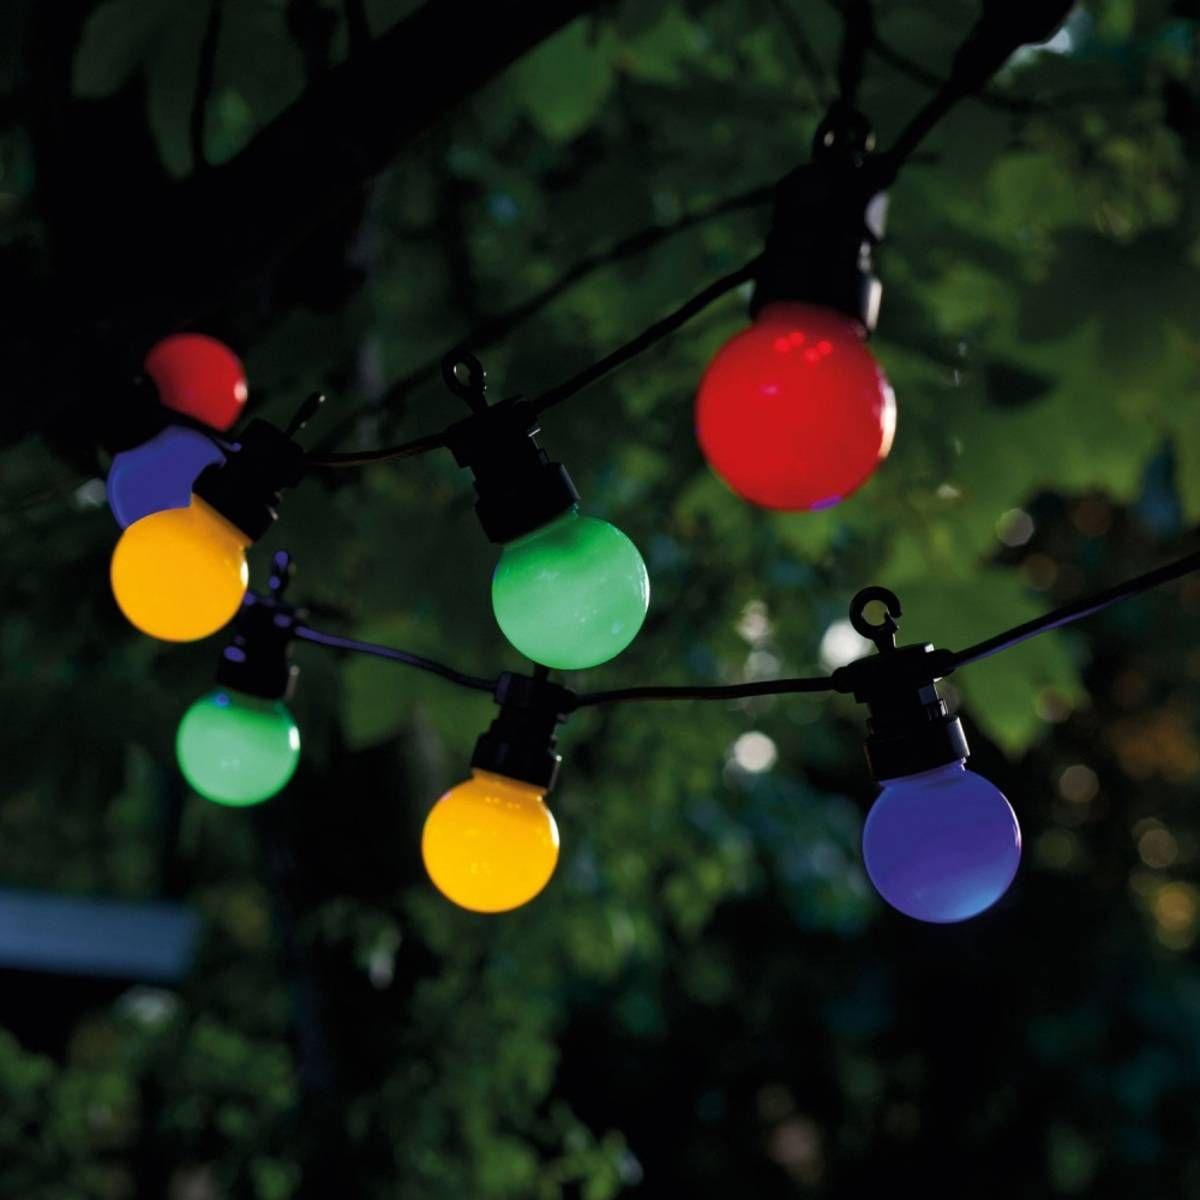 Guirlande Lumineuse Extérieur Led Party Guinguette - Taille ... concernant Sphere Lumineuse Jardin